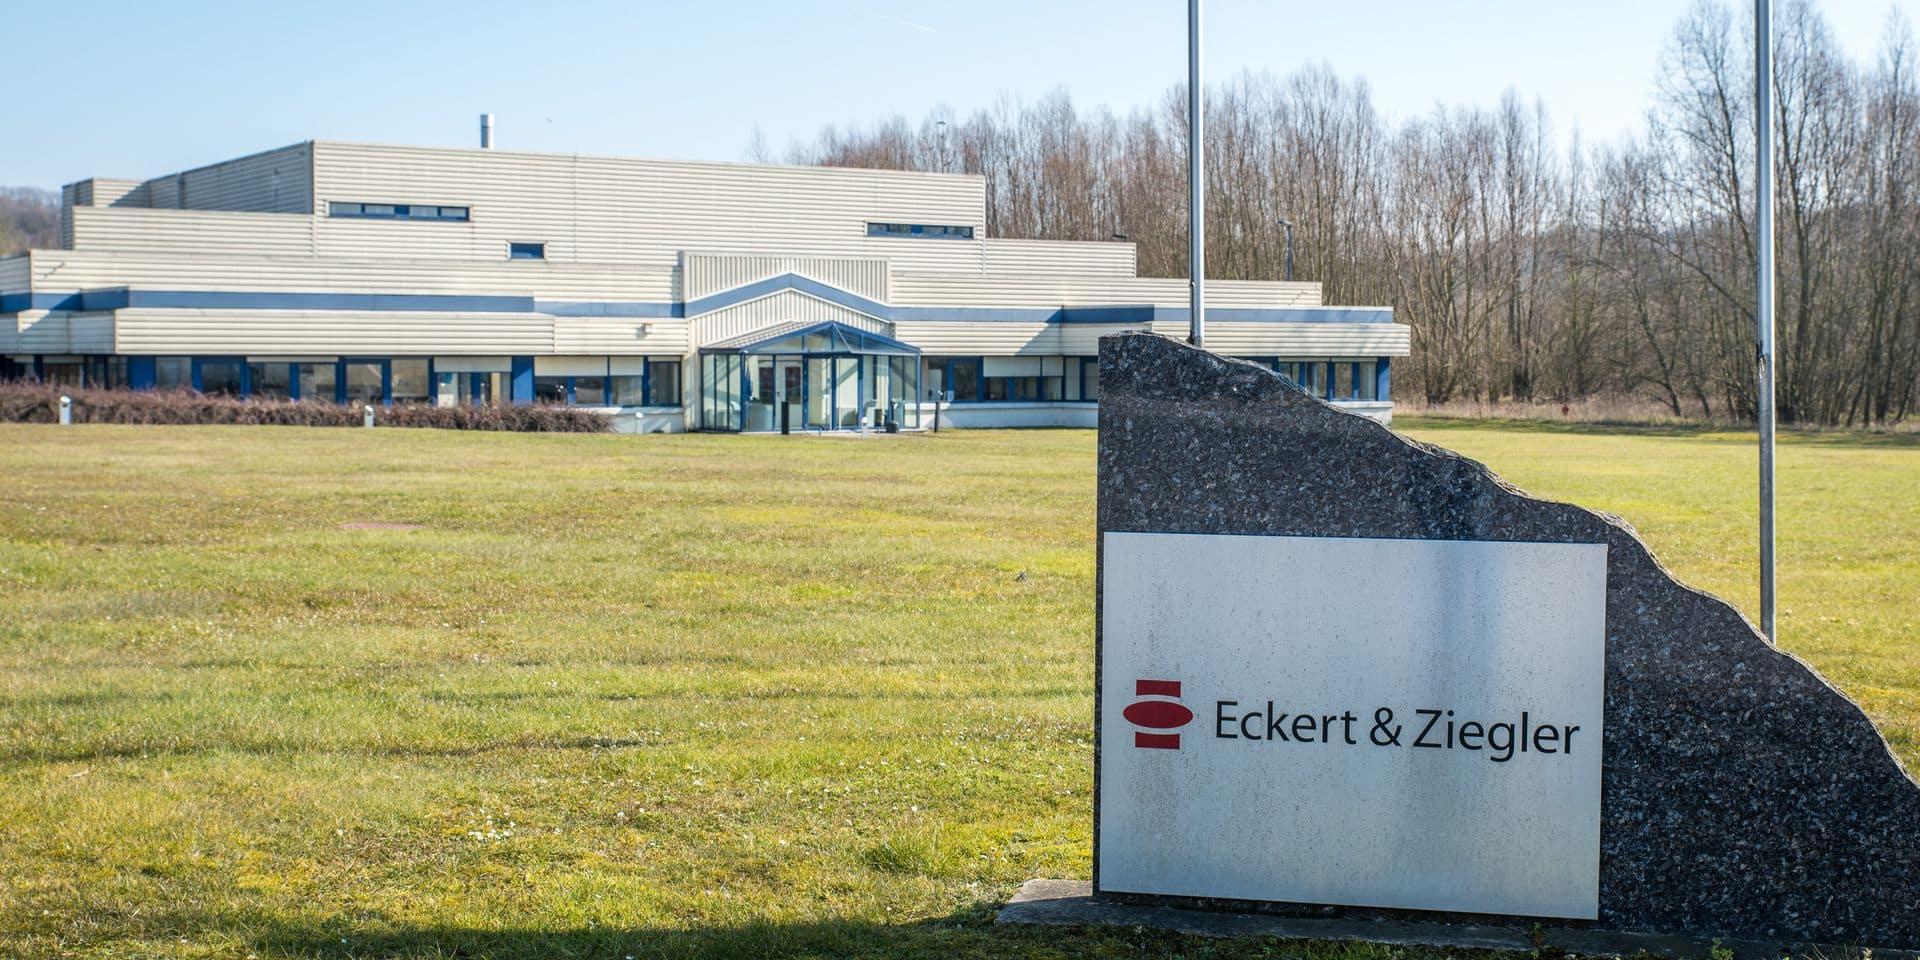 Une société a revendu son usine de Seneffe, au passif nucléaire de 10 millions d'euros, pour 1 euro